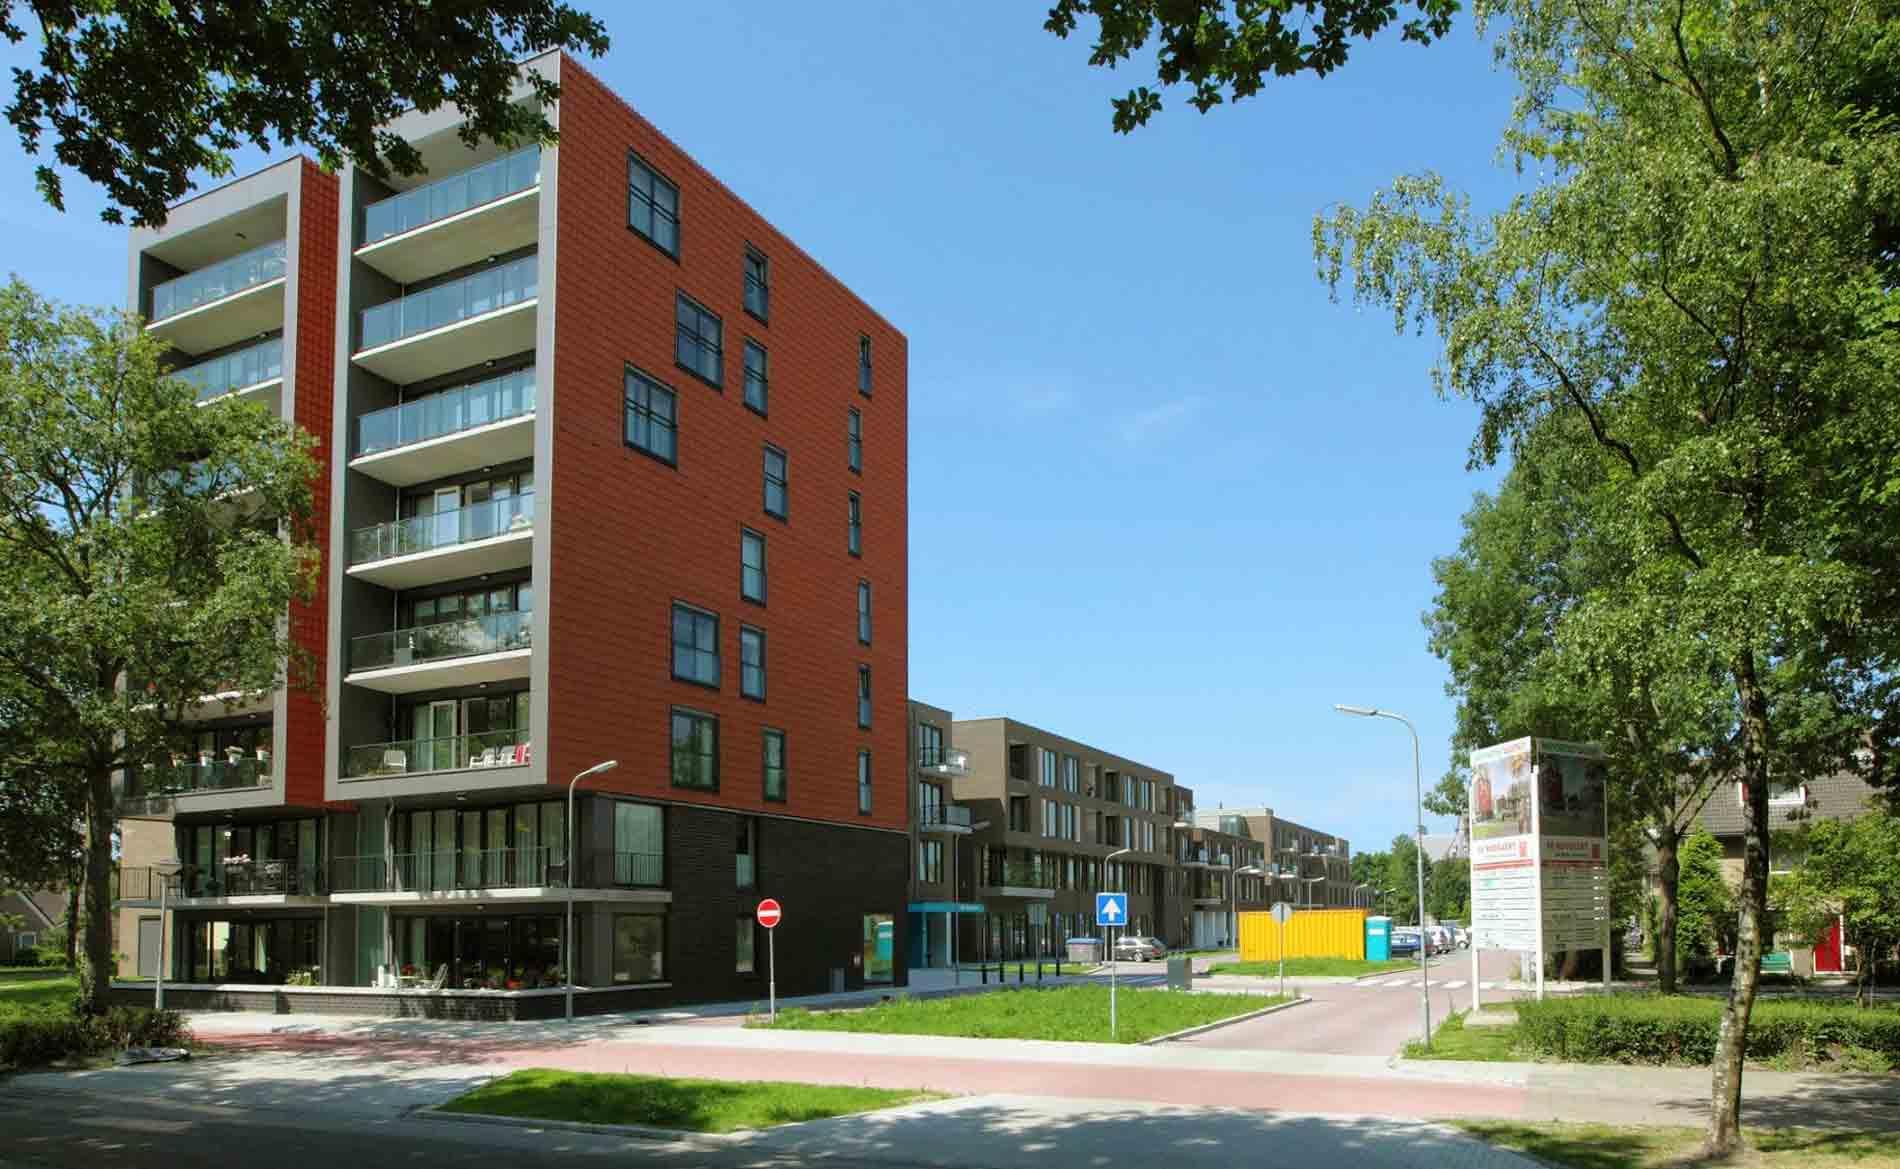 Woonzorggebouw De Boogaert Castricum BBHD architecten Alkmaar architectuur appartementen